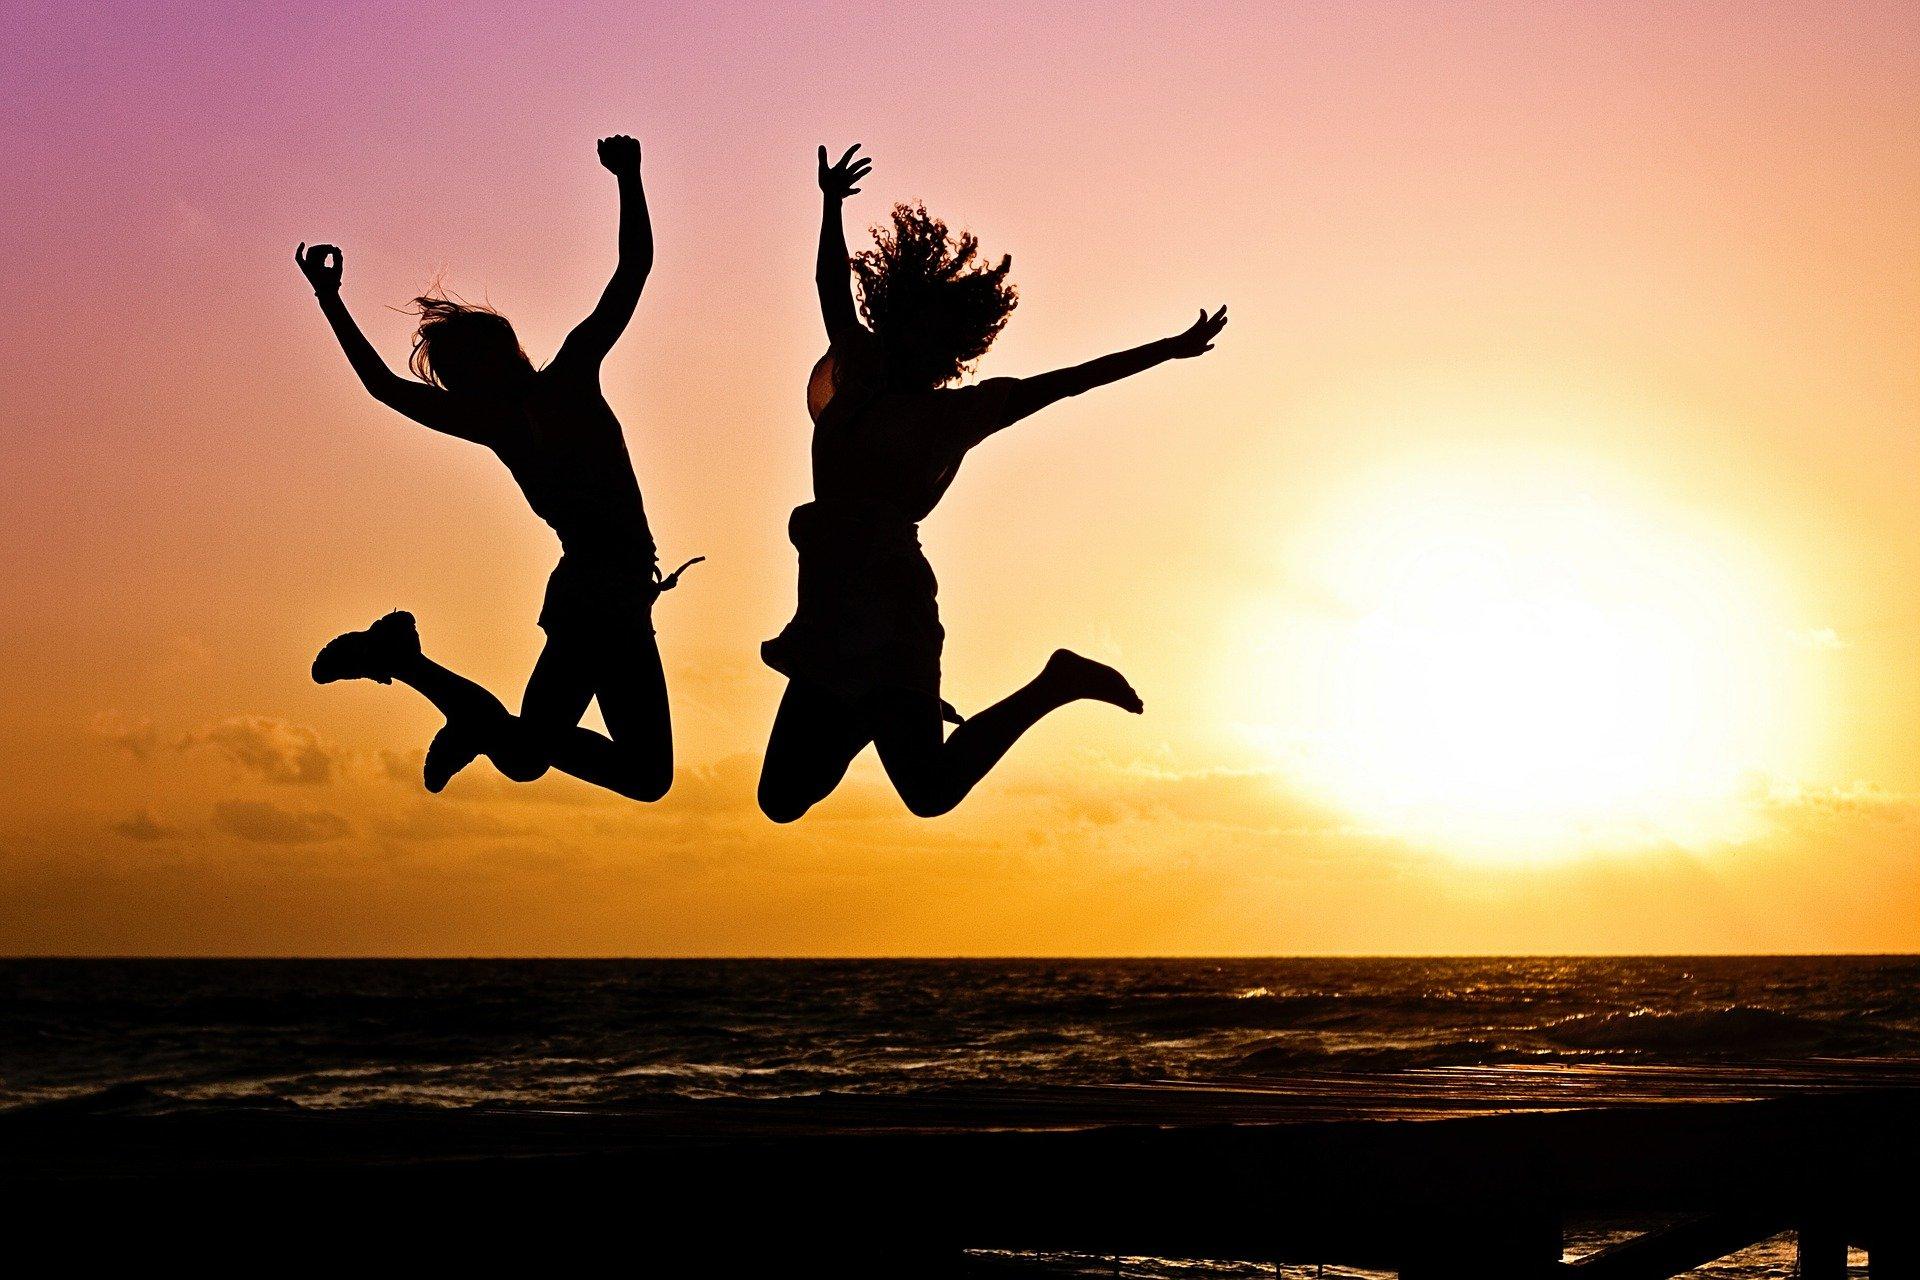 האם שמחה זה תמיד טוב? צילום: ג'יל ווילינגטון, piaxabay